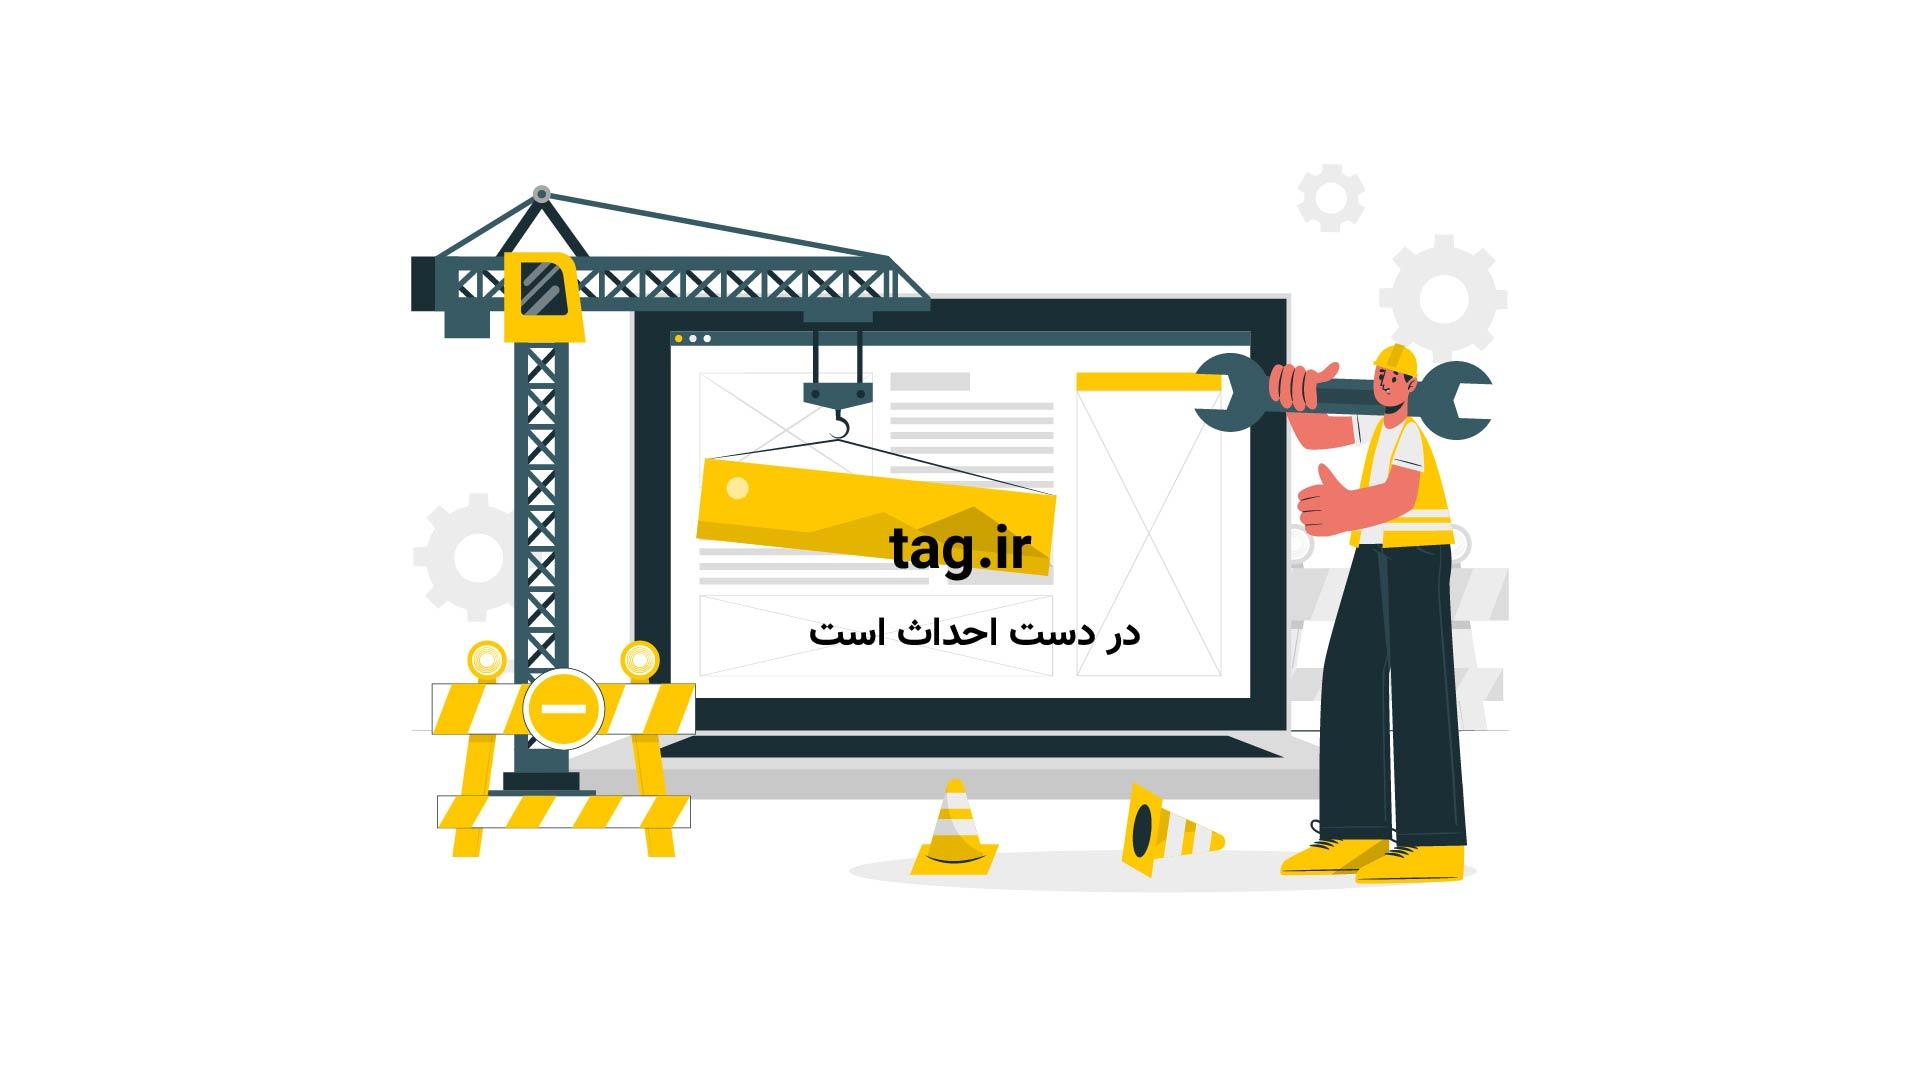 فیلم دلم میخواد بهمن فرمان آرا | تگ